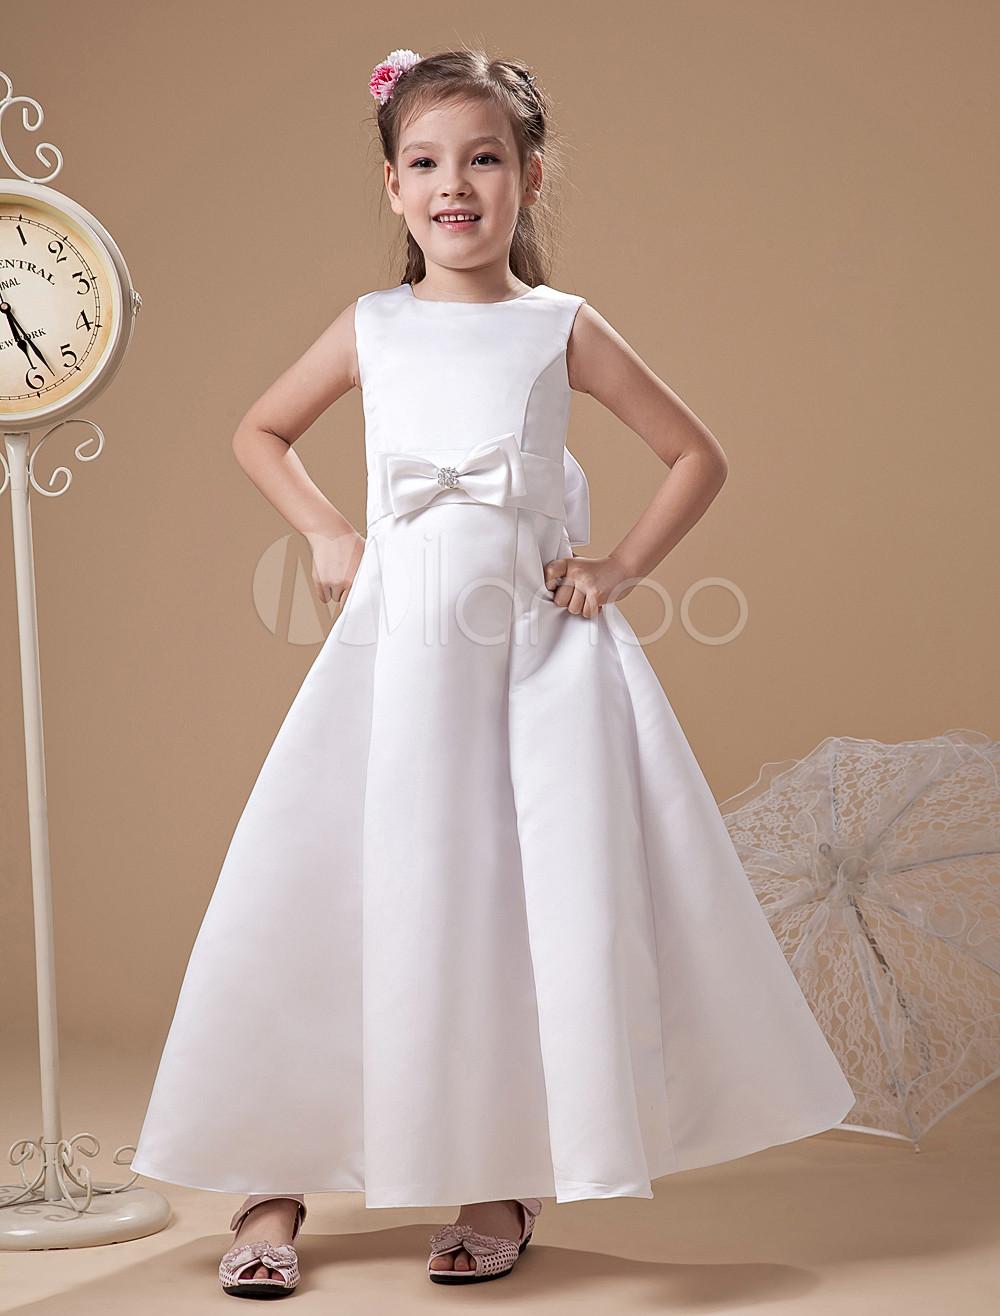 Buy White Romantic Satin Flower Girl Dress for $67.49 in Milanoo store